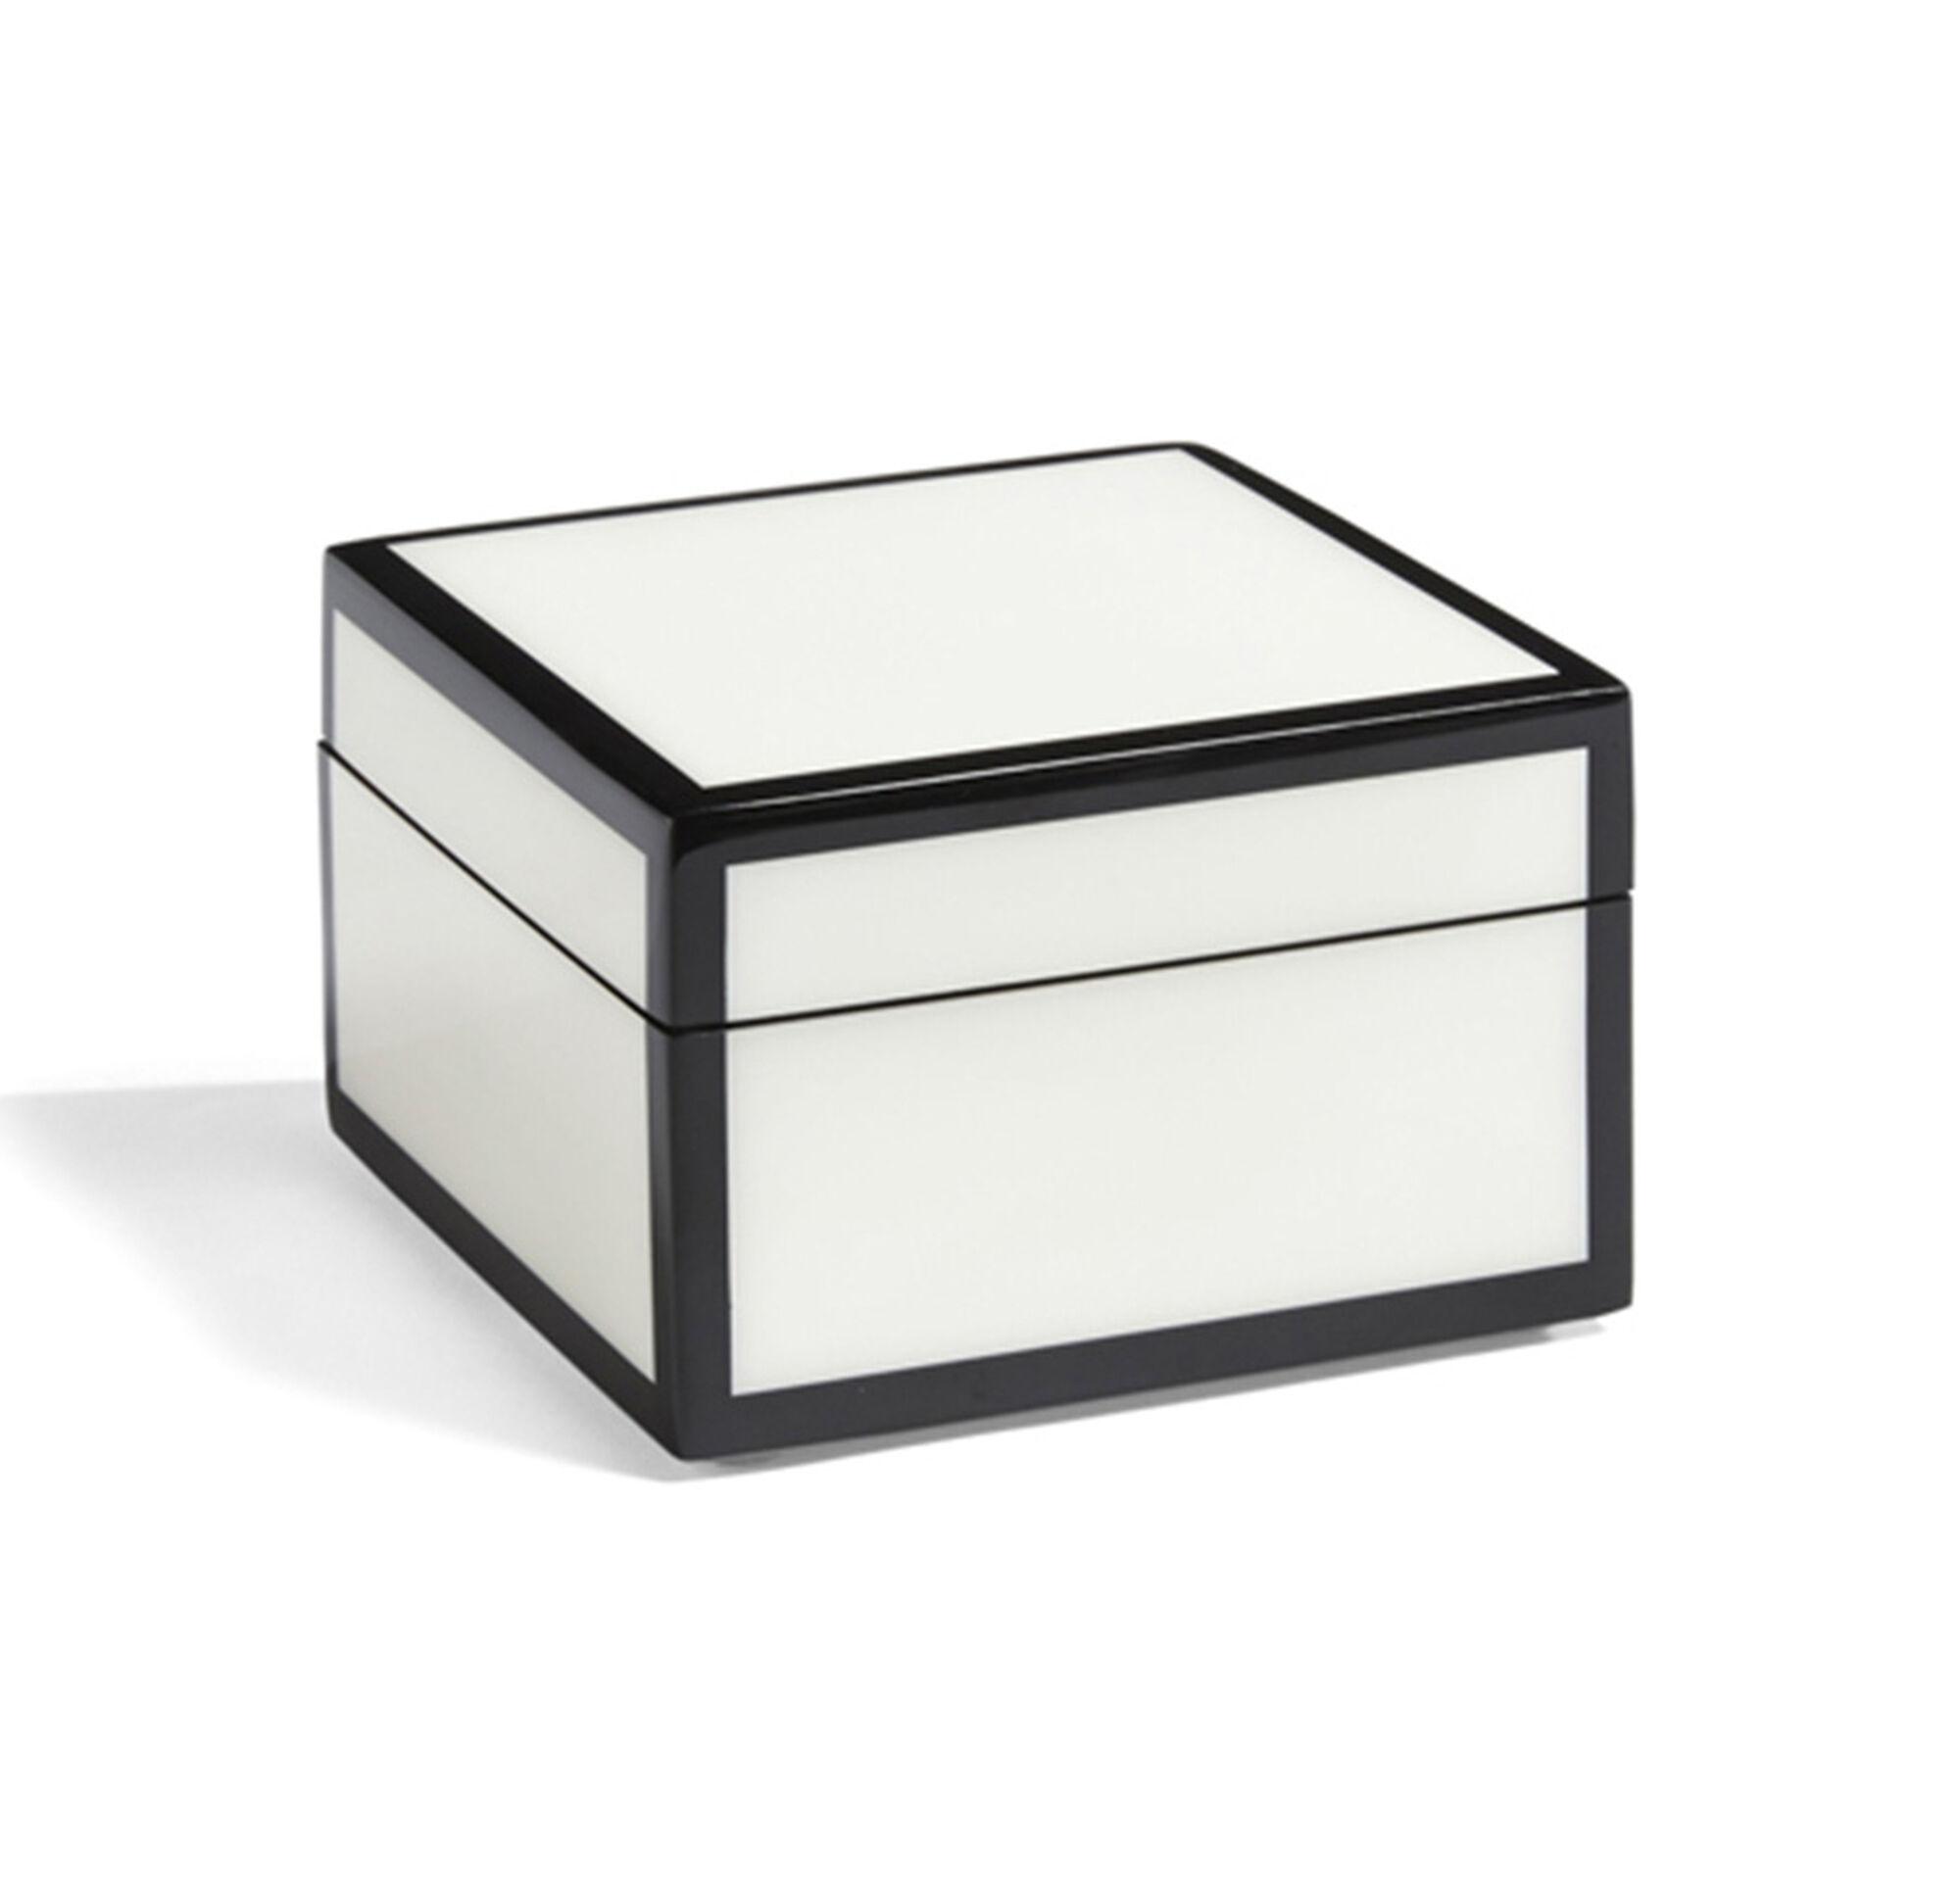 BLACK AND WHITE LACQUER BOX SMALL